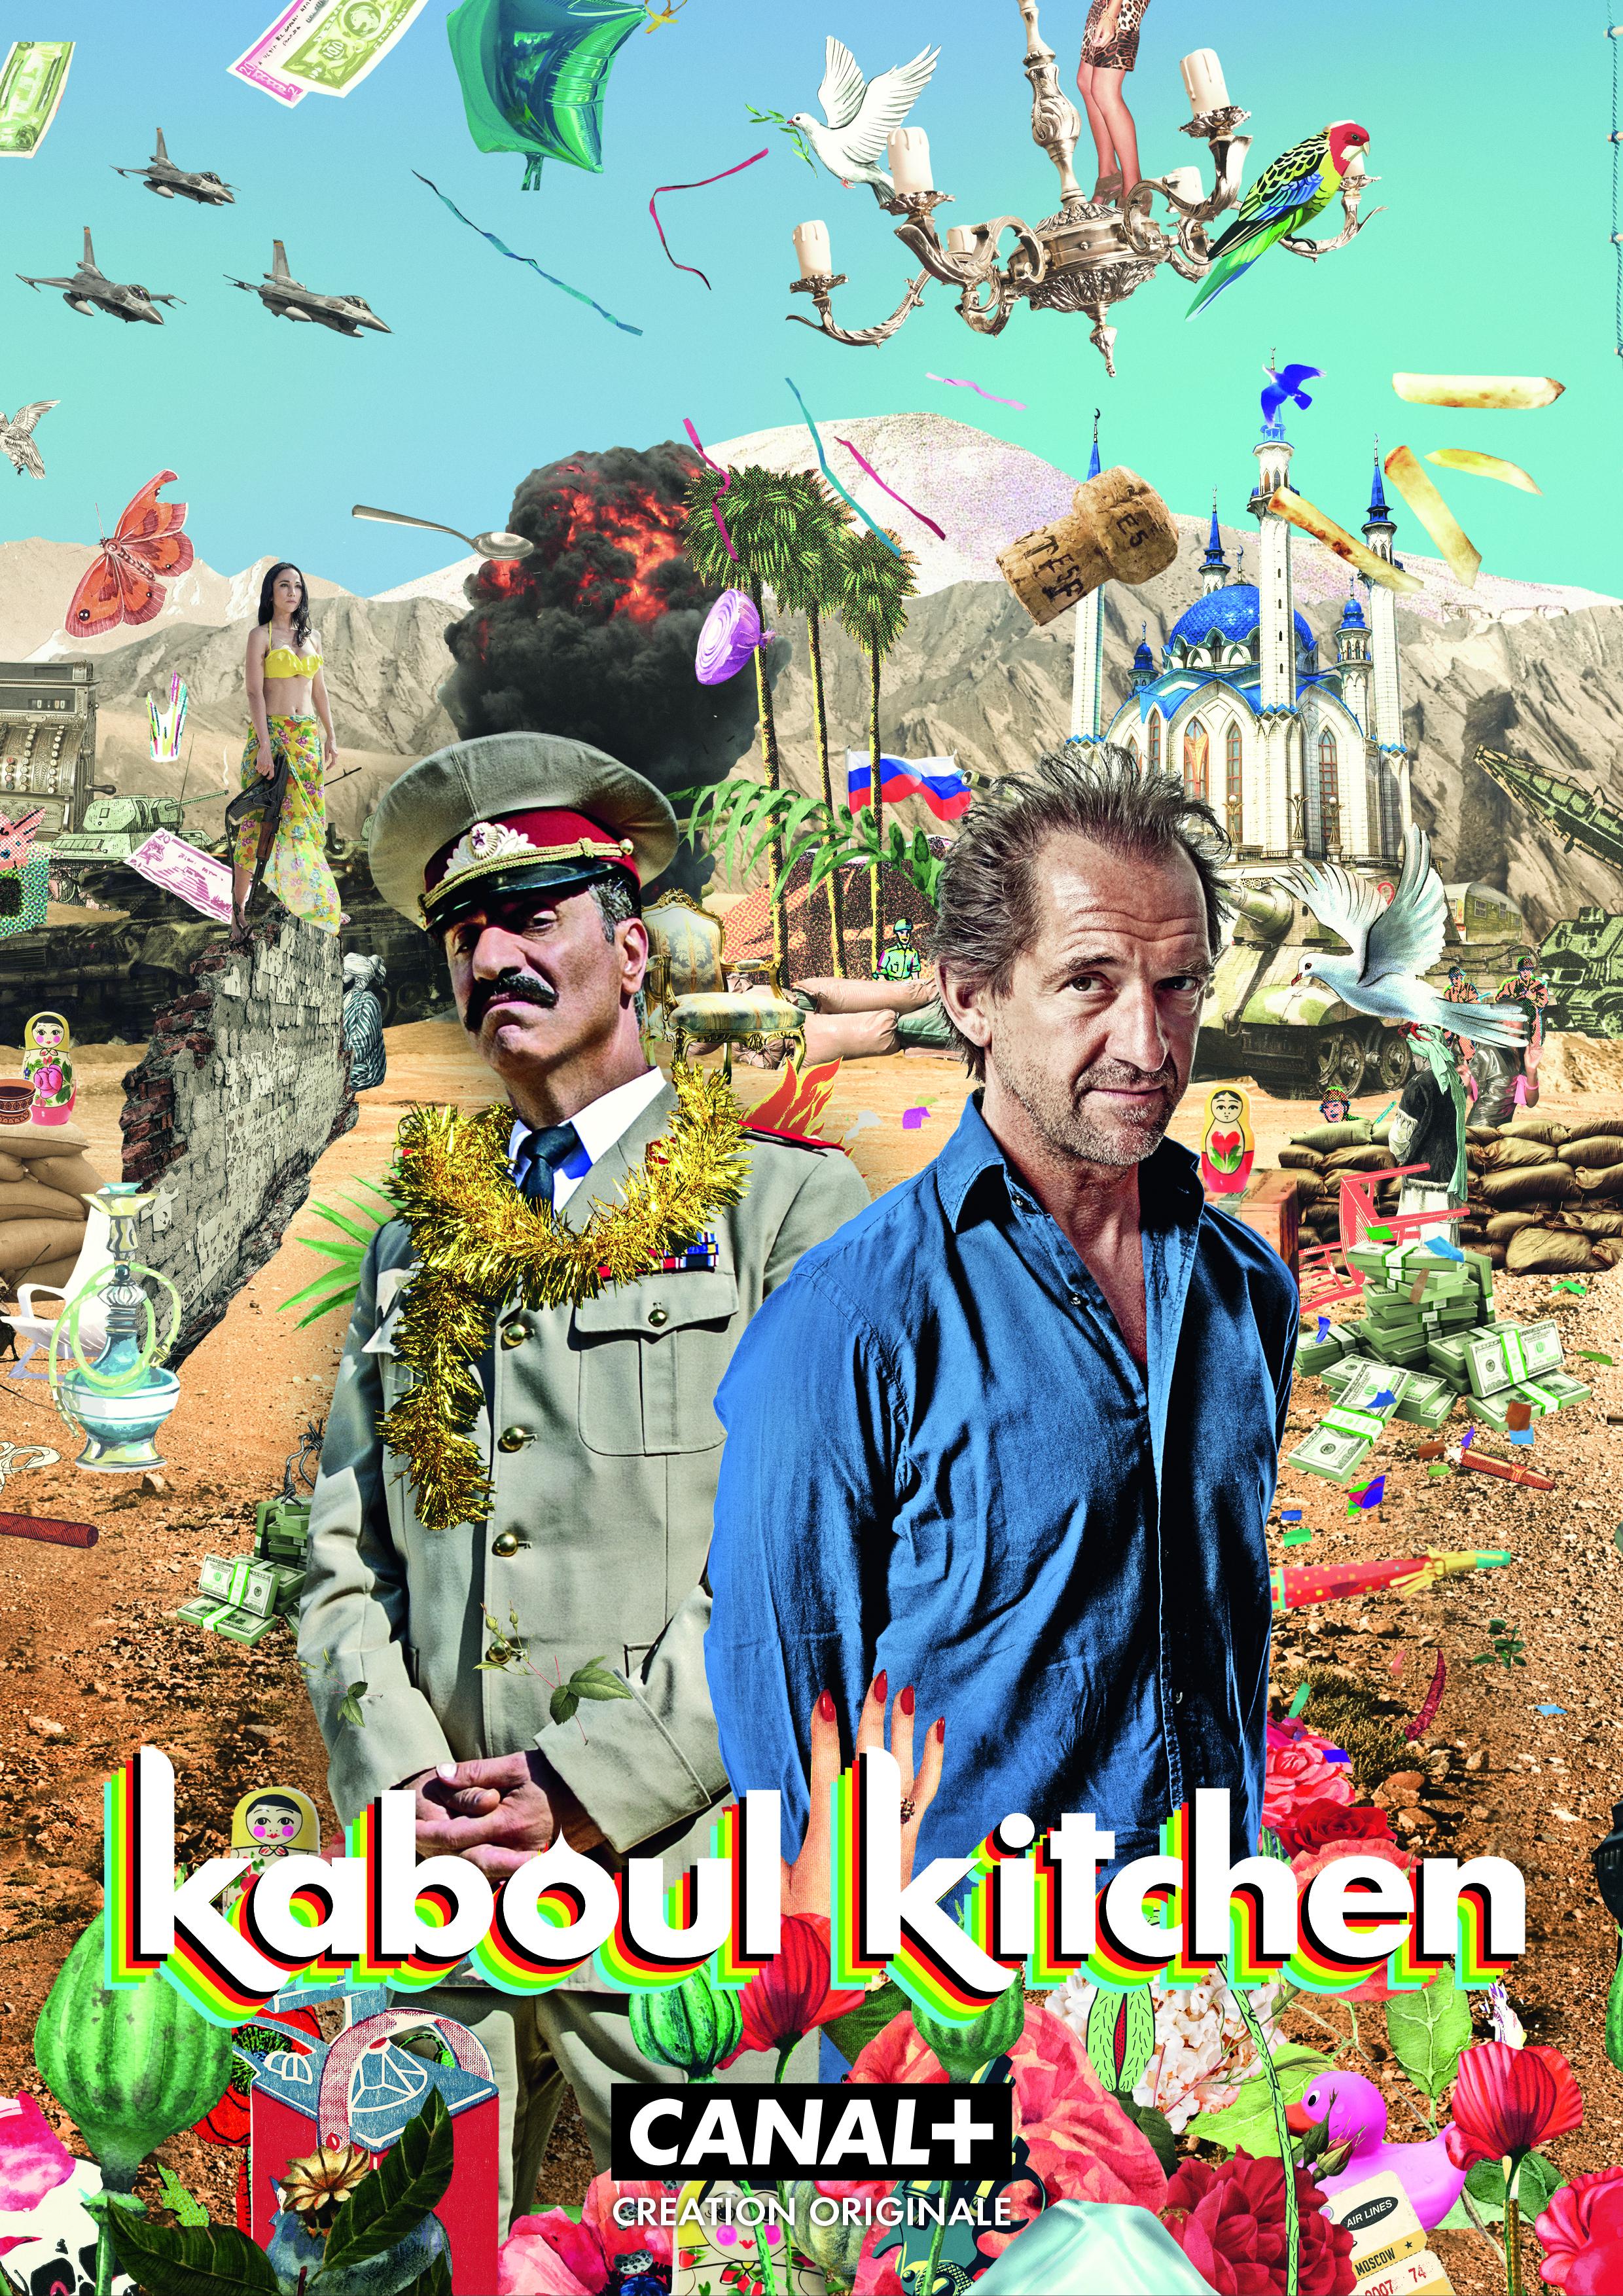 Kaboul Kitchen saison 3 avec Stéphane de Groodt Michel Coulaincourt et Simon Abkarian Colonel Amanullah série Canal Plus